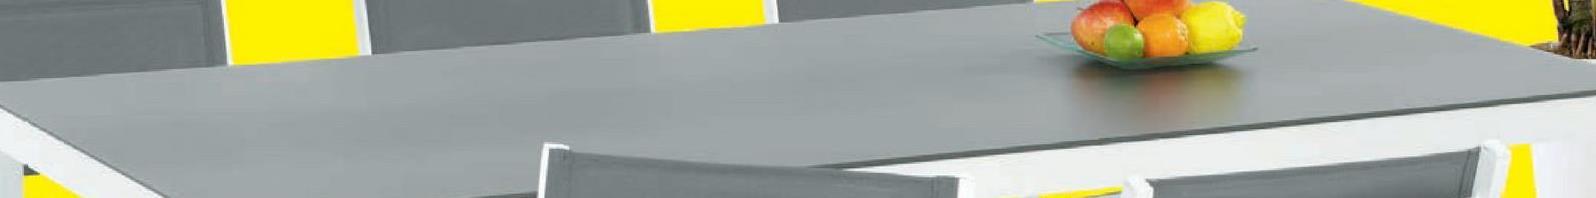 Tuintafel Melia 200x90 cm De strakke tuintafel Melia van Garden Plus heeft een stevig aluminium frame en een elegant tafelblad in grijs veiligheidsglas van 5mm. Je eet het hele jaar door in stijl aan deze weersbestendige tafel die mag blijven buiten staan. Deze witte tuintafel meet 200x90x74,5 cm.